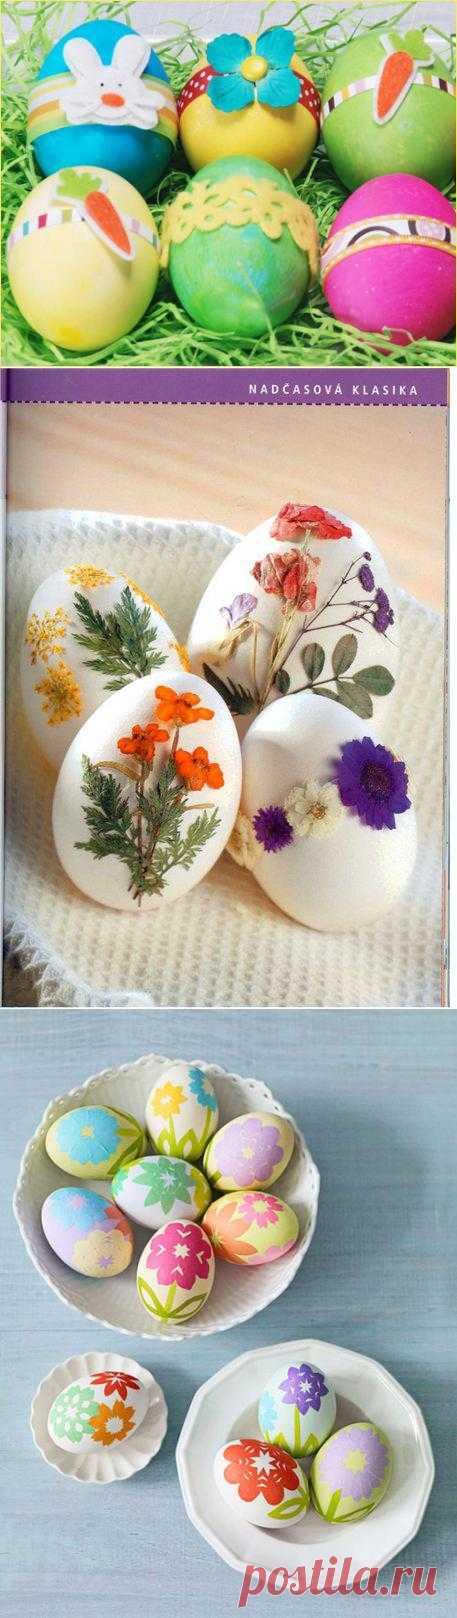 Идеи украшения пасхальных яиц - ребенок будет в восторге от такого творчества. Да и взрослые получат море удовольствия.